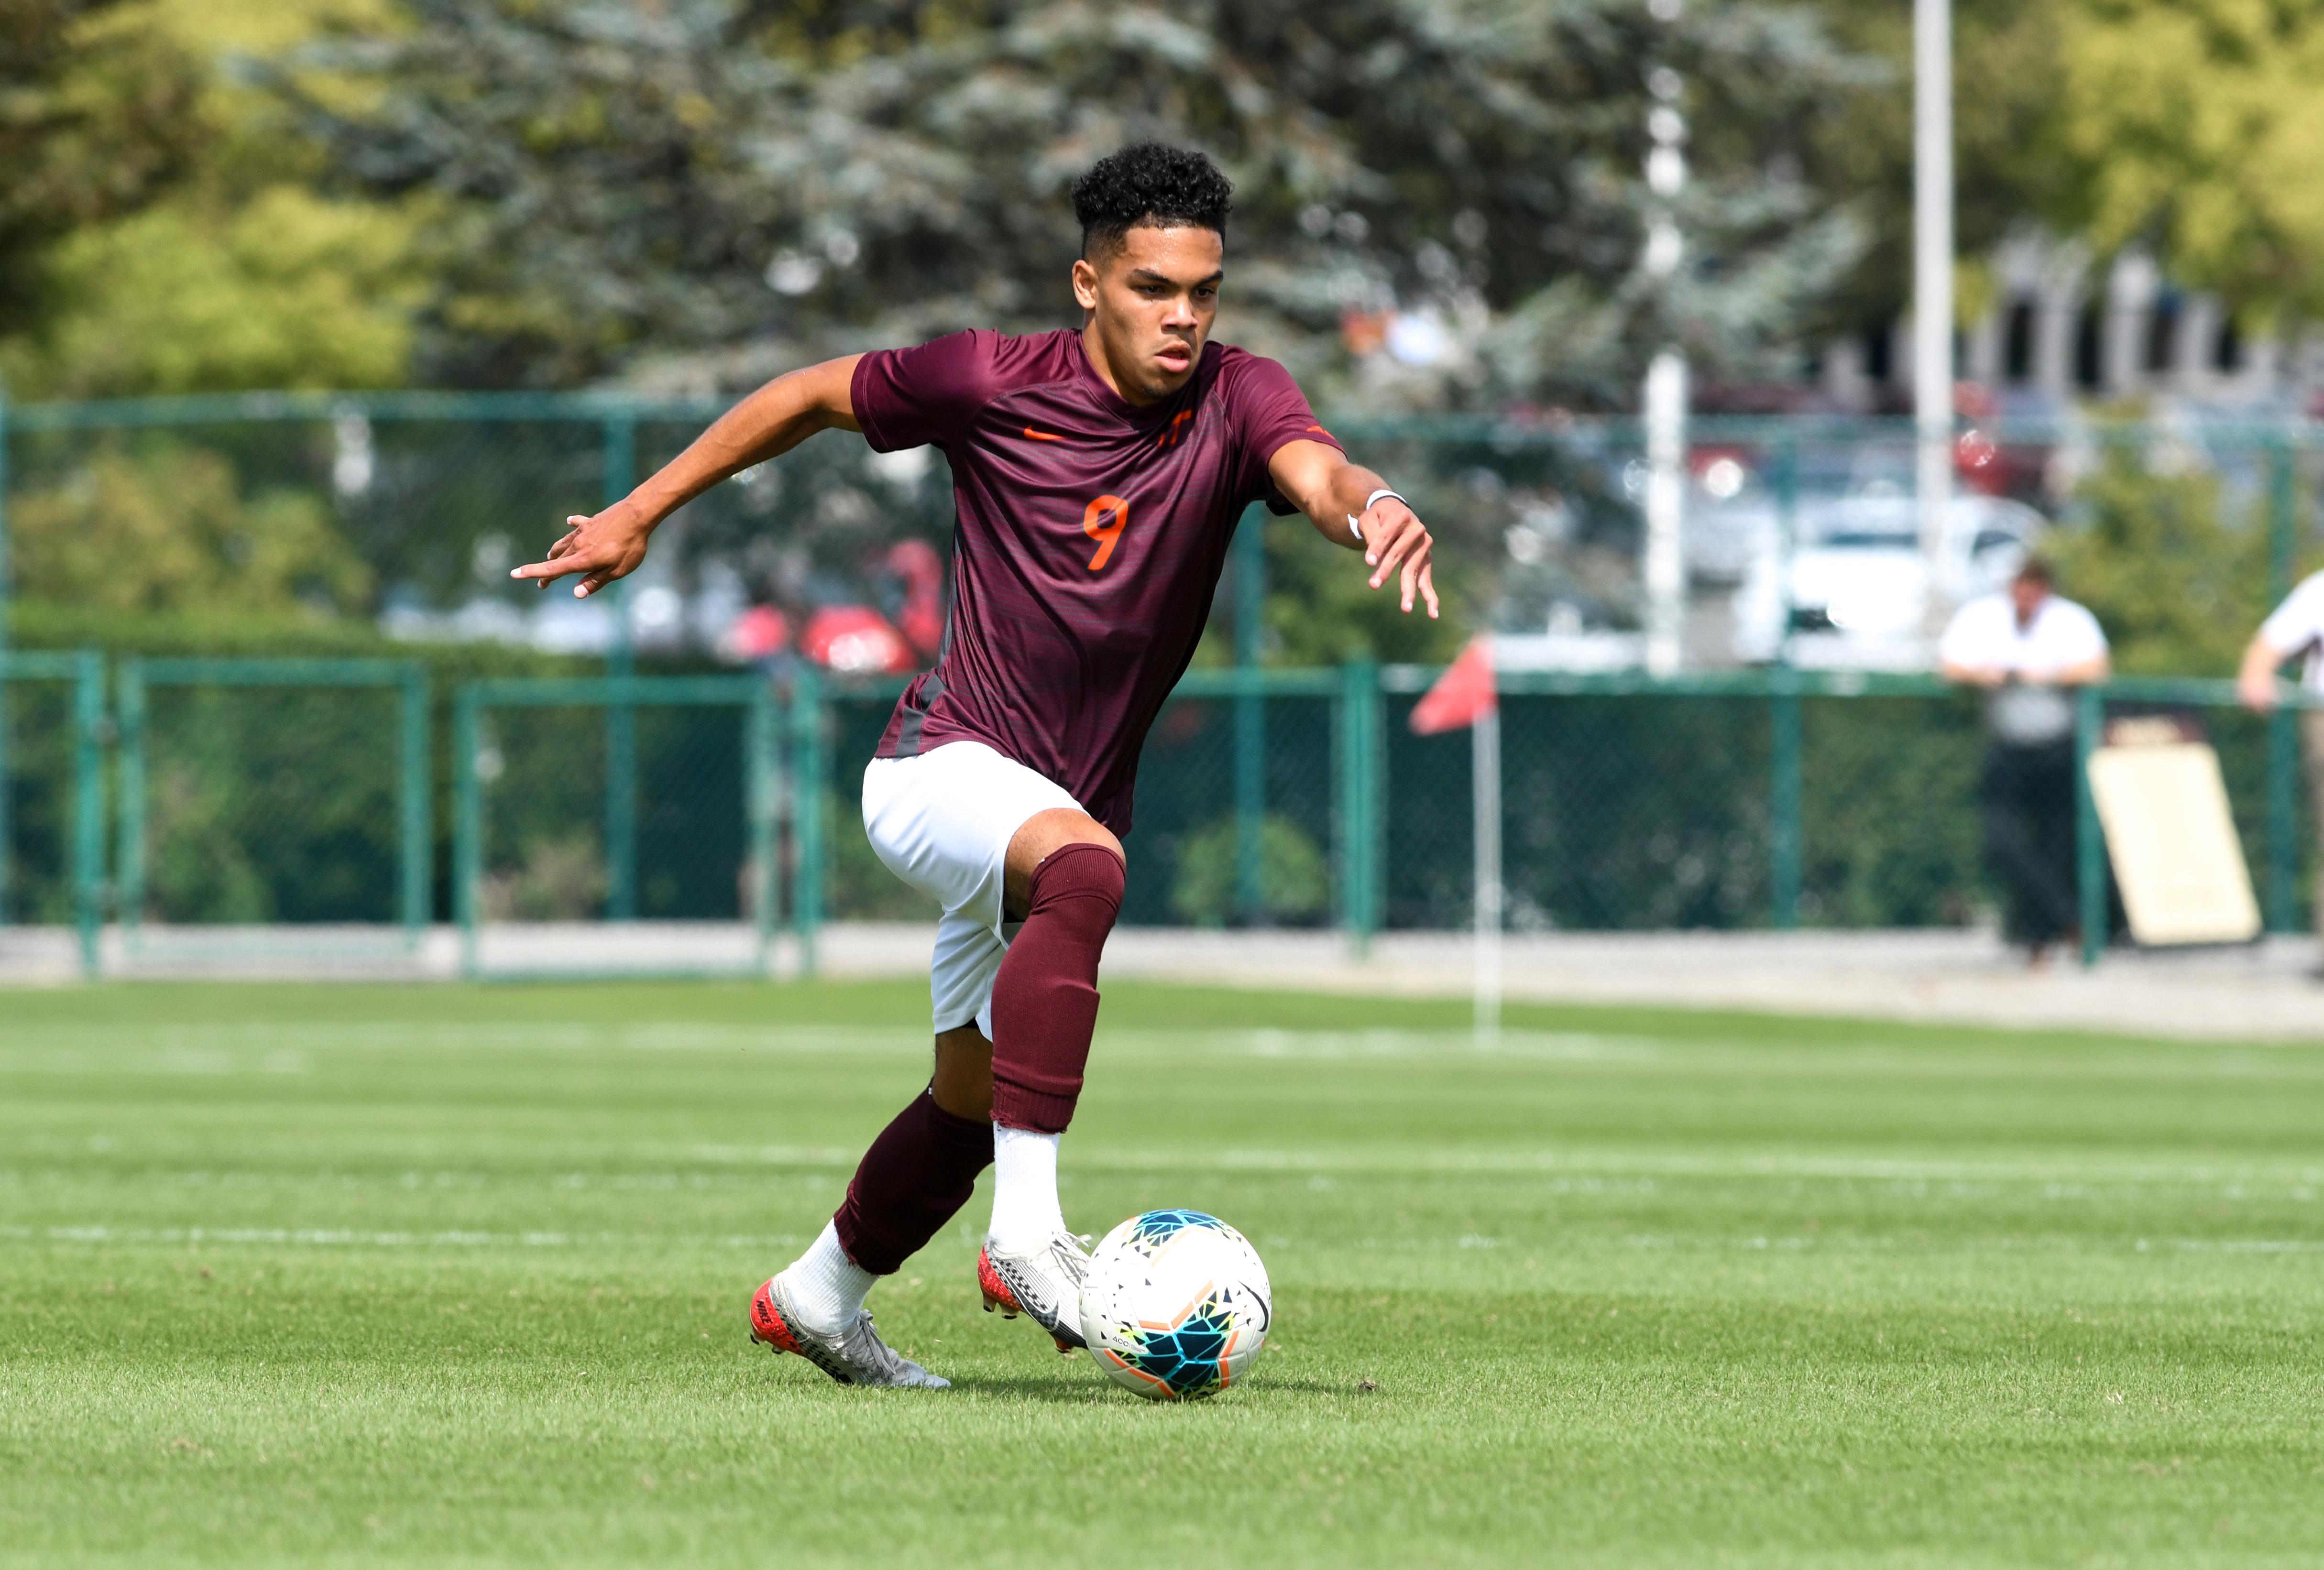 Daniel Pereira. Virginia Tech Men's Soccer Team.